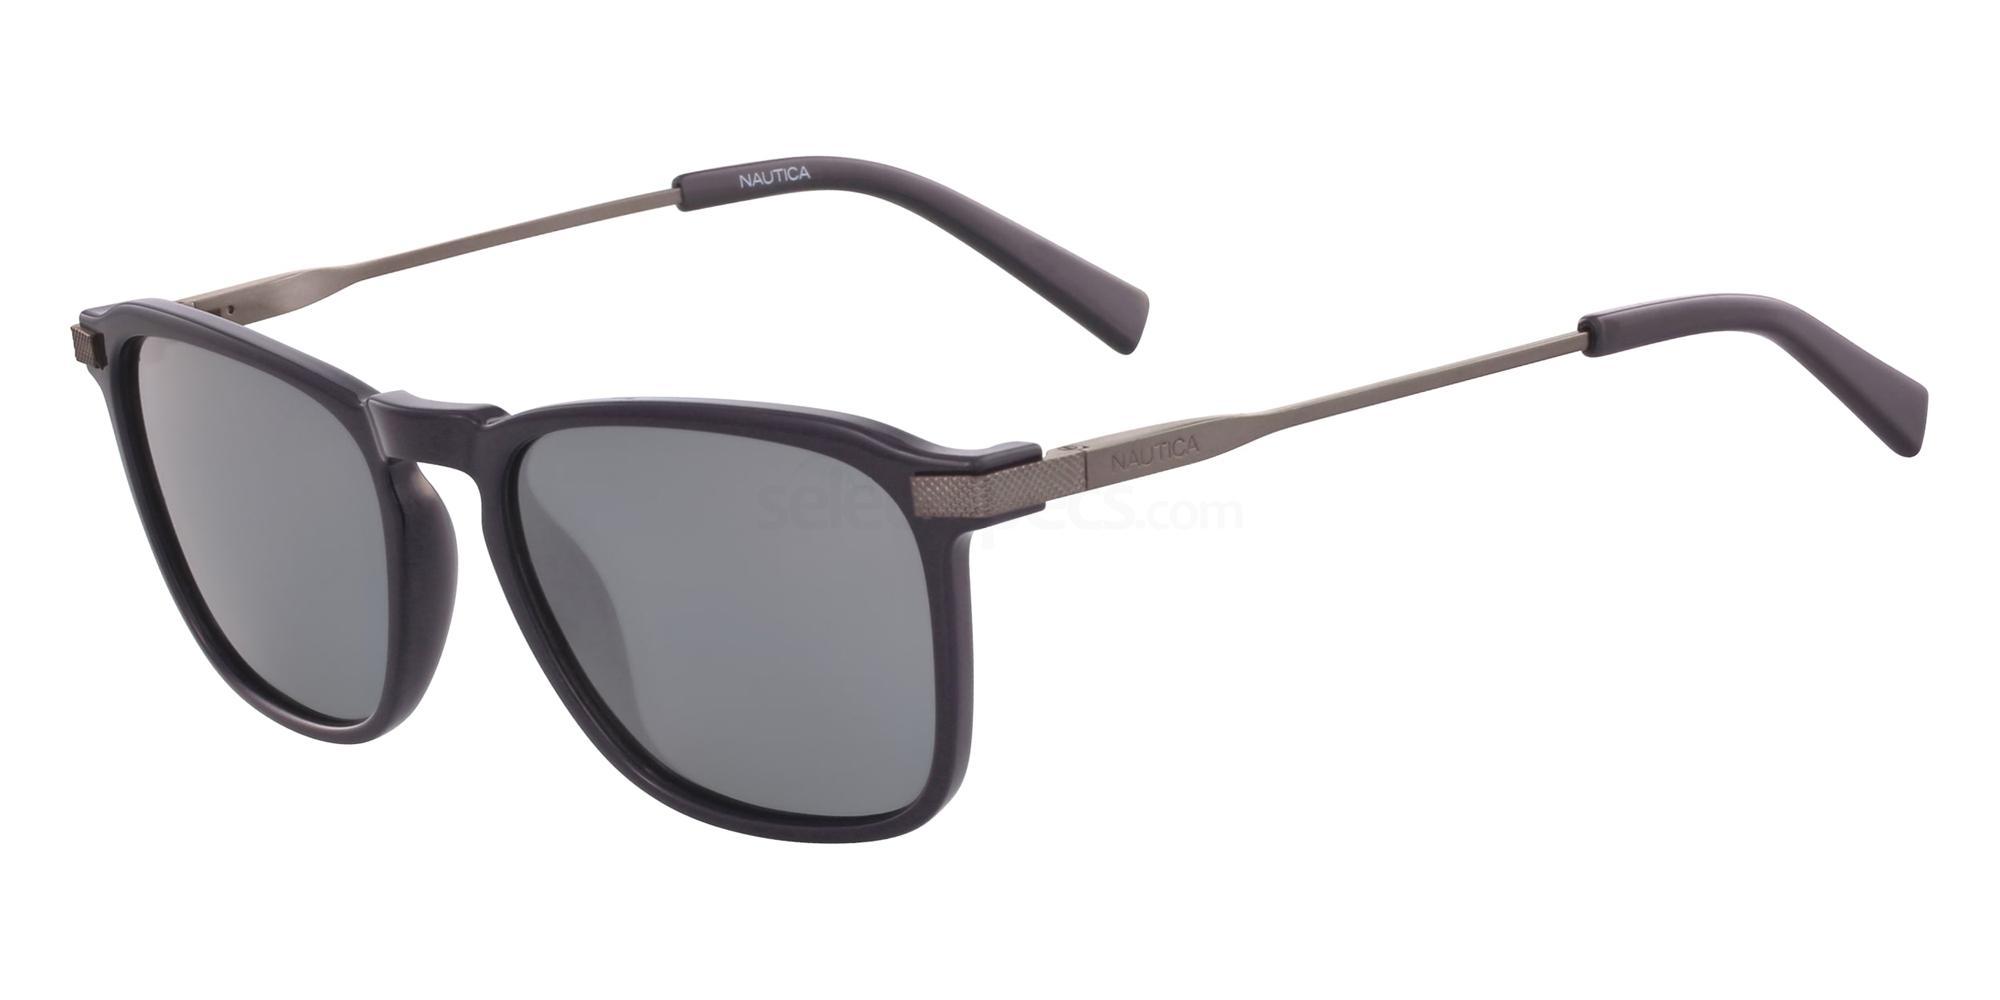 410 N3636SP Sunglasses, Nautica